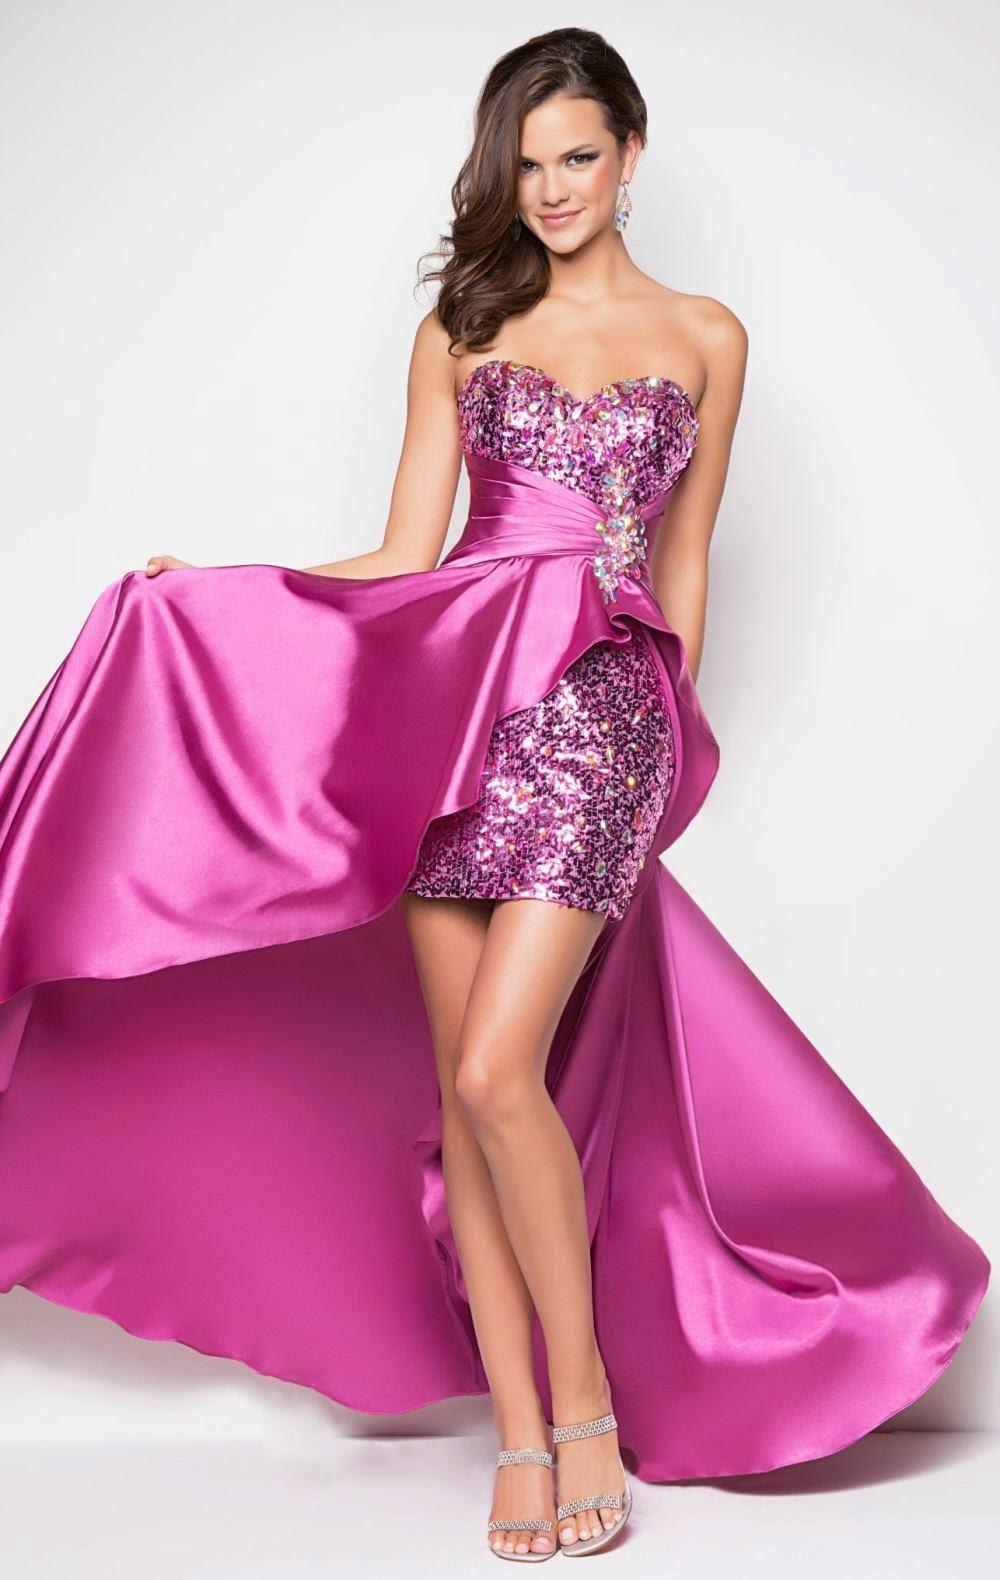 Exclusivos dise os de vestidos de 15 a os moda para for Colores sensuales